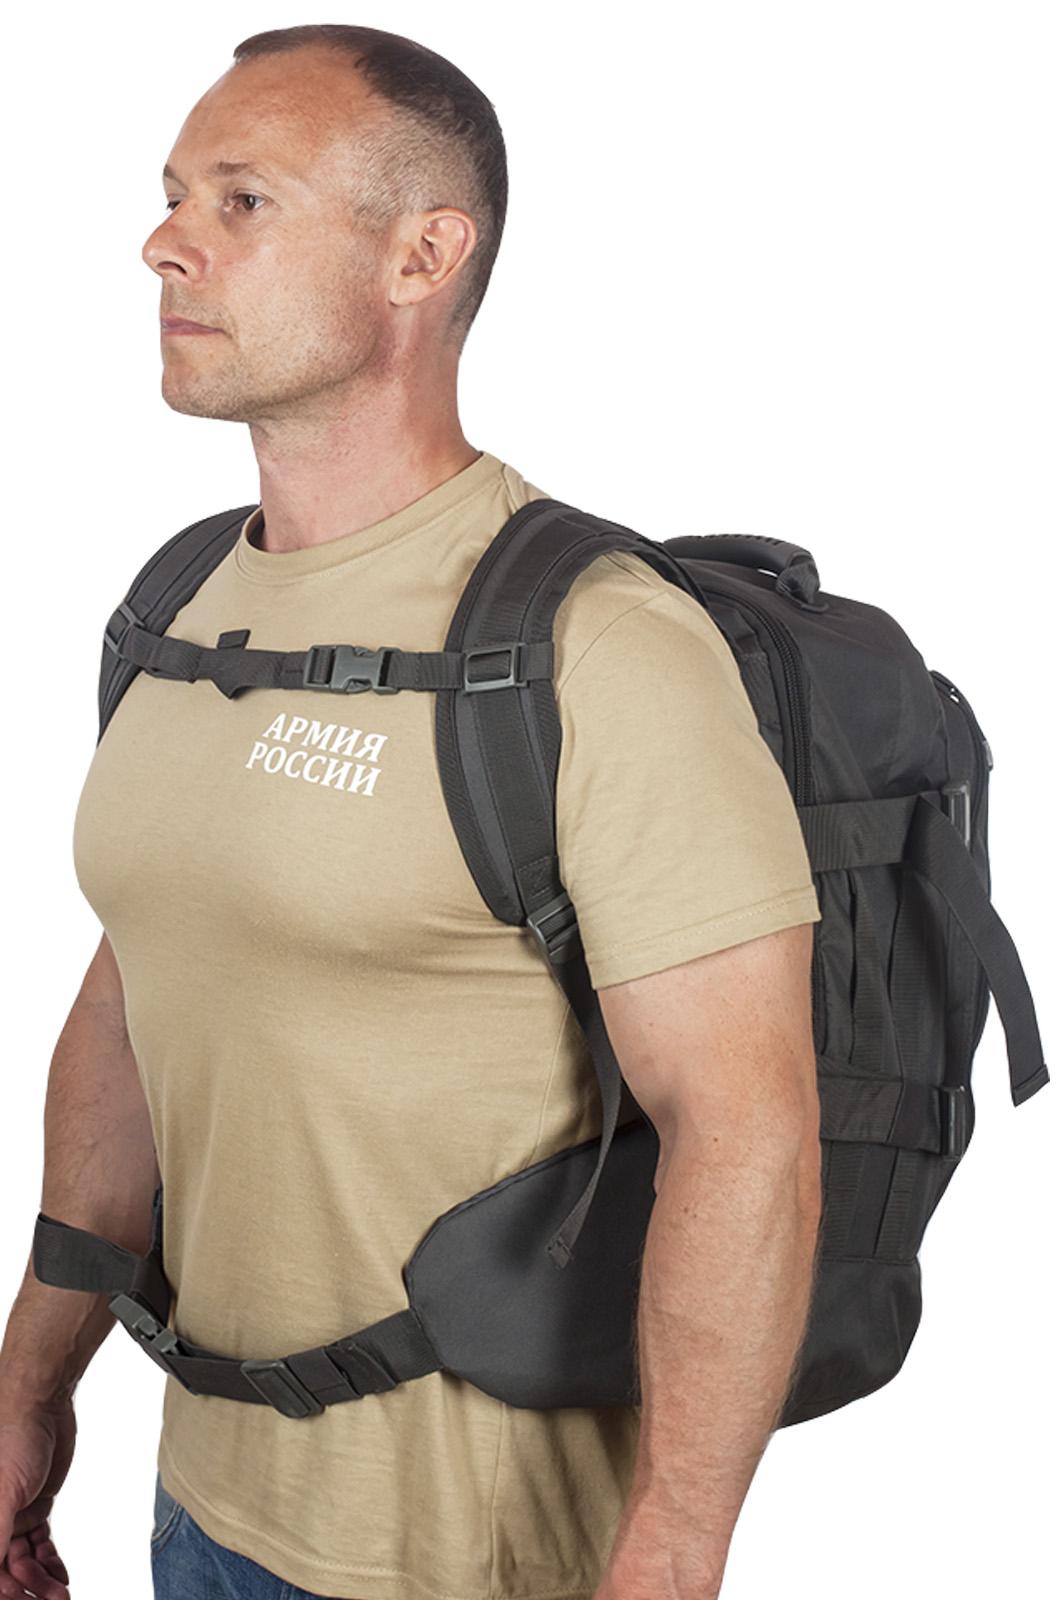 Армейский универсальный рюкзак с нашивкой Полиция России - заказать с доставкой